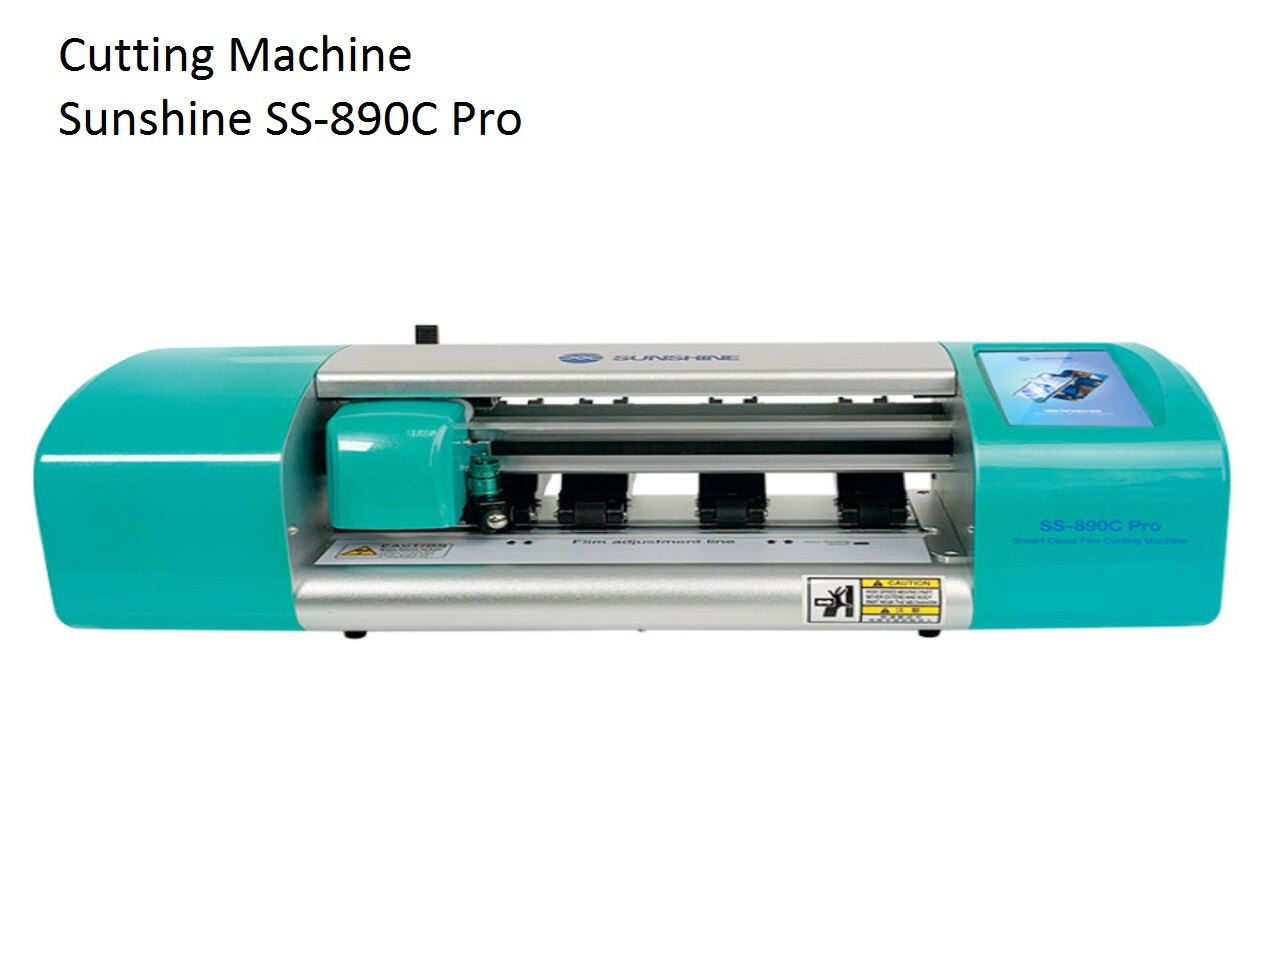 CUTTING-MACHINE-SUNSHINE-SS-890C-PRO